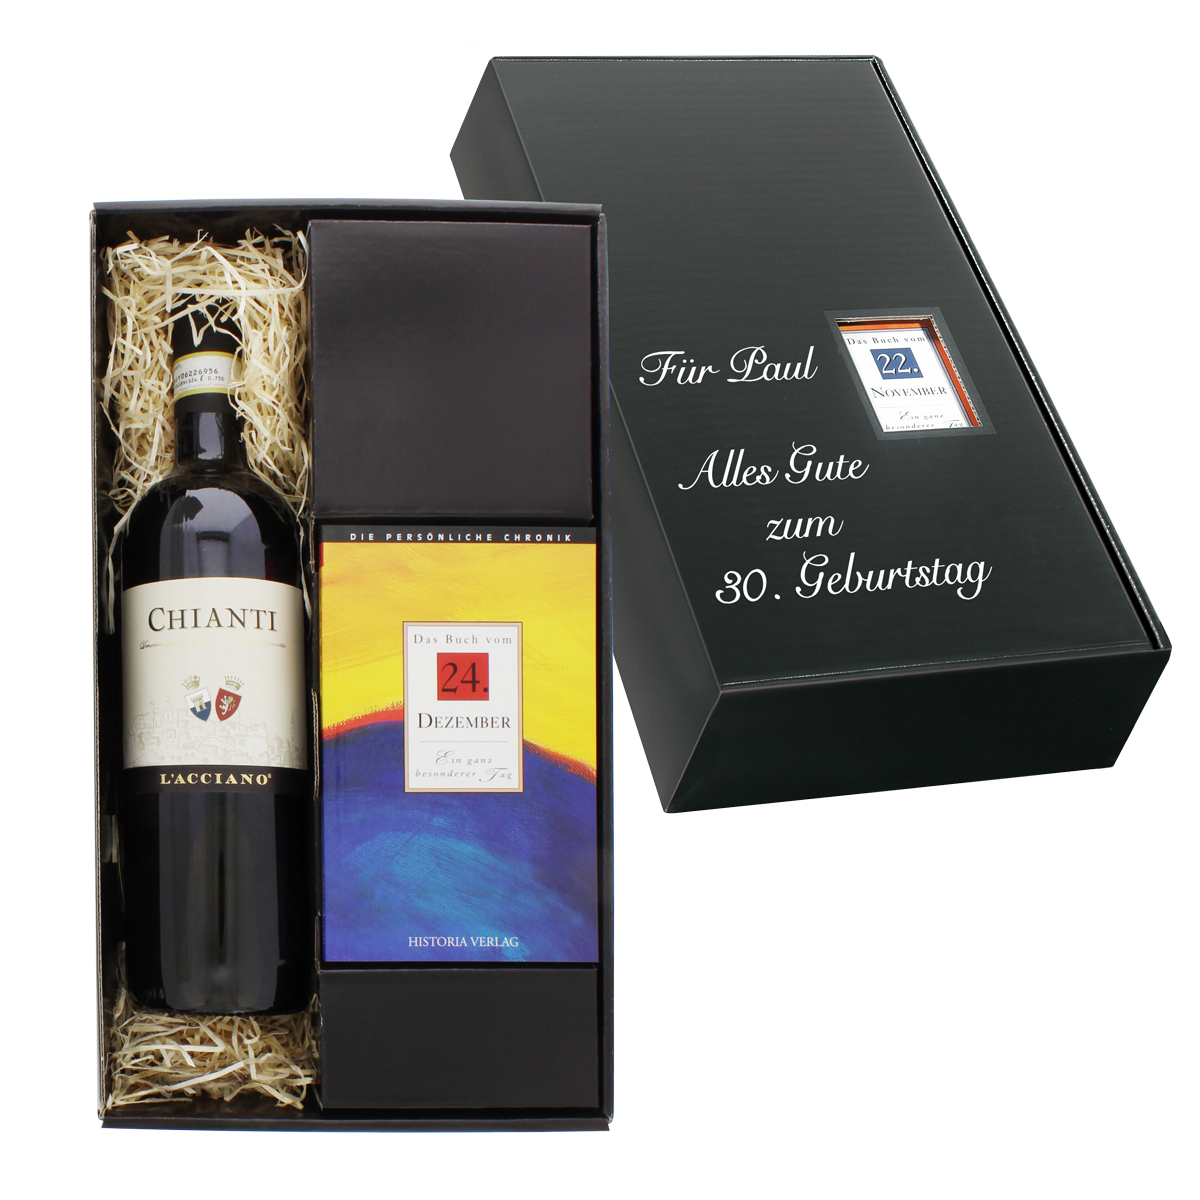 Italien-Set: Tageschronik vom 13. September & Chianti-Wein